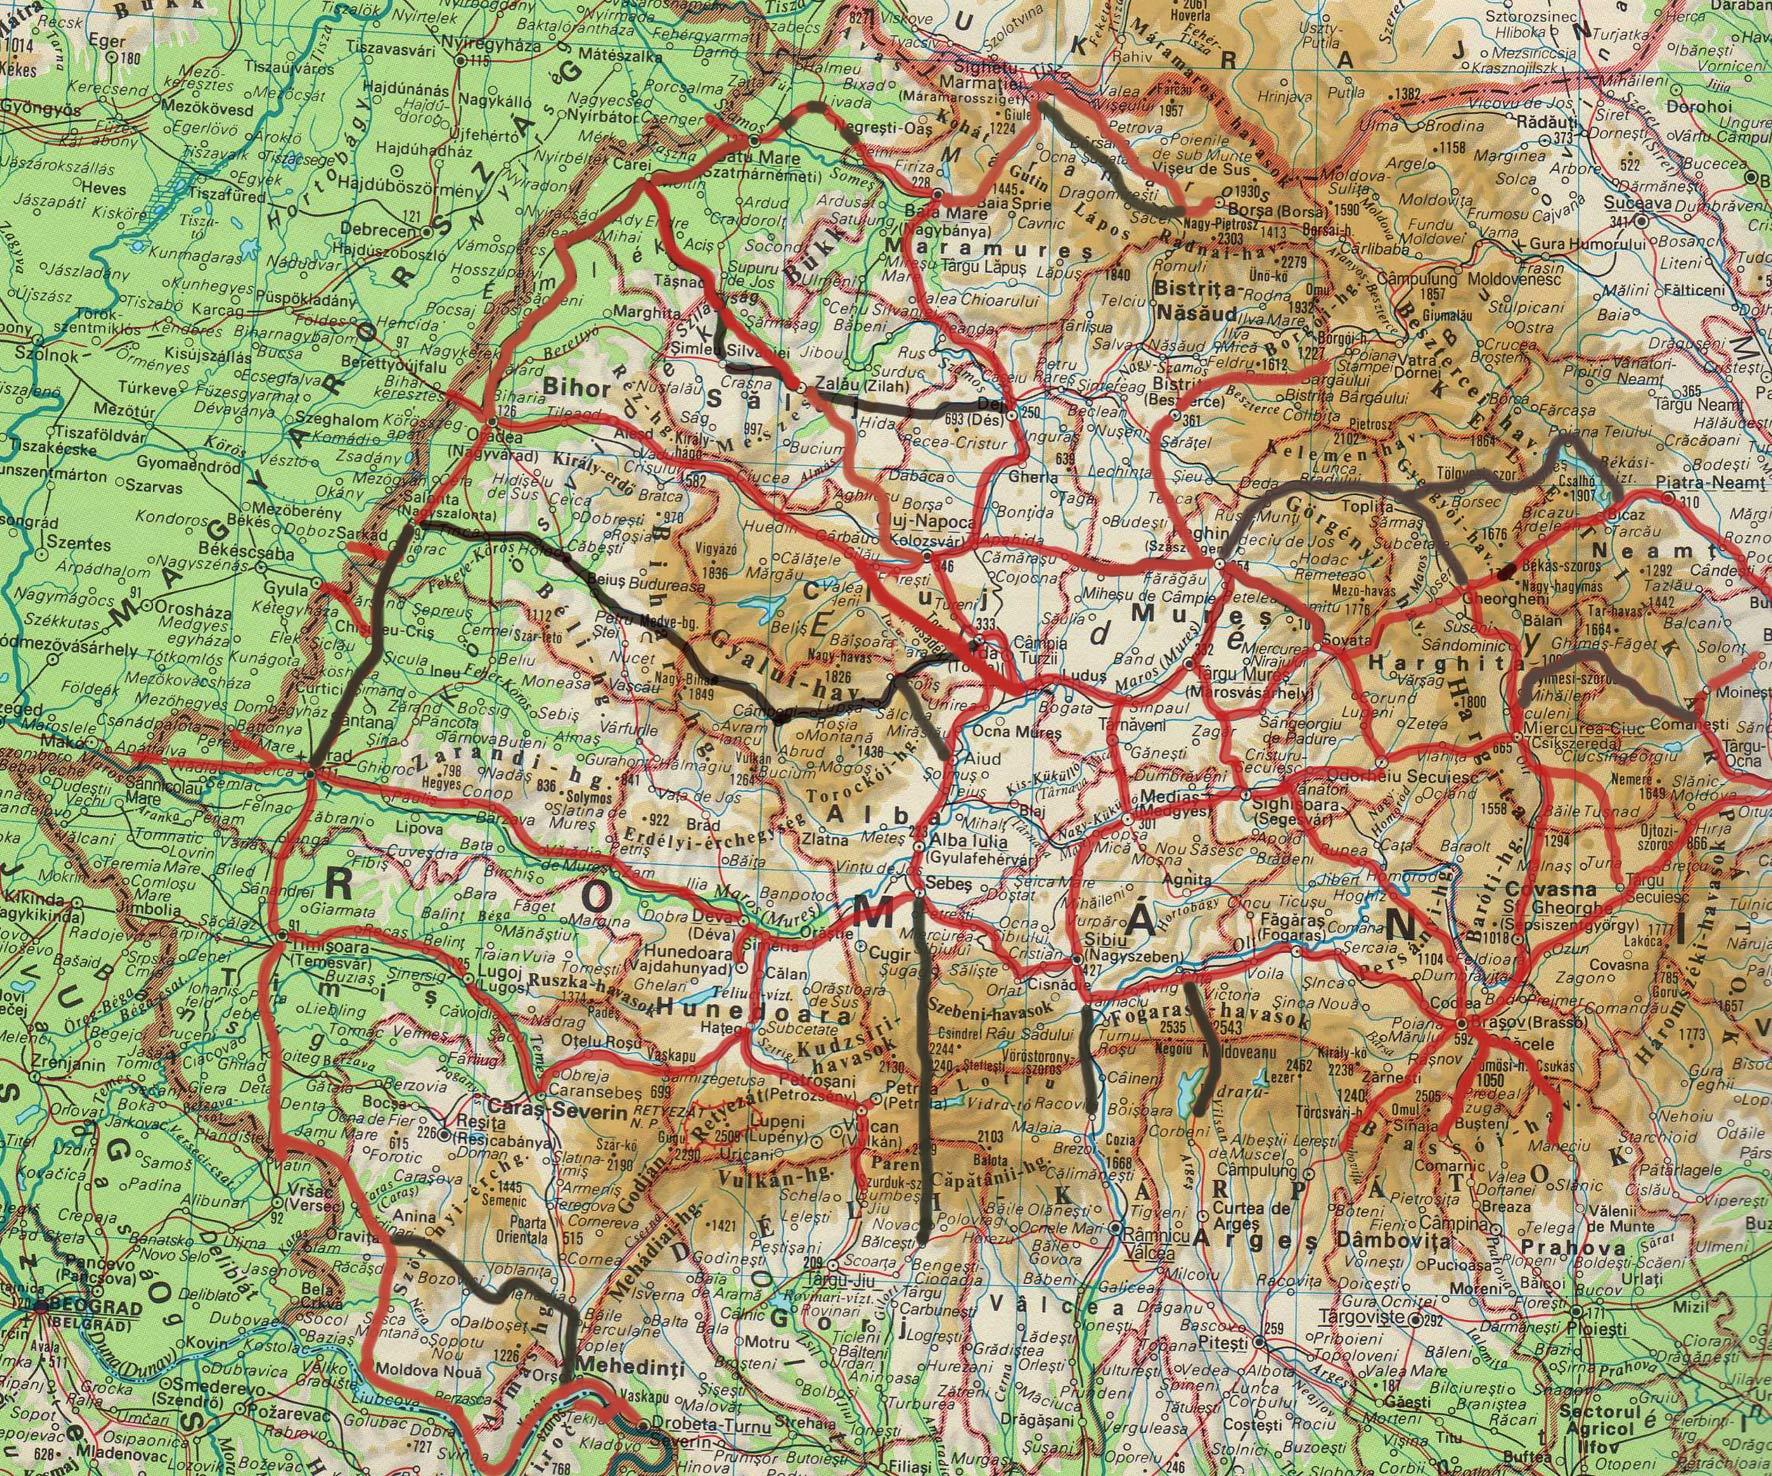 erdély térkép magyar helységnevekkel ERDÉLYBE UTAZÓKNAK erdély térkép magyar helységnevekkel